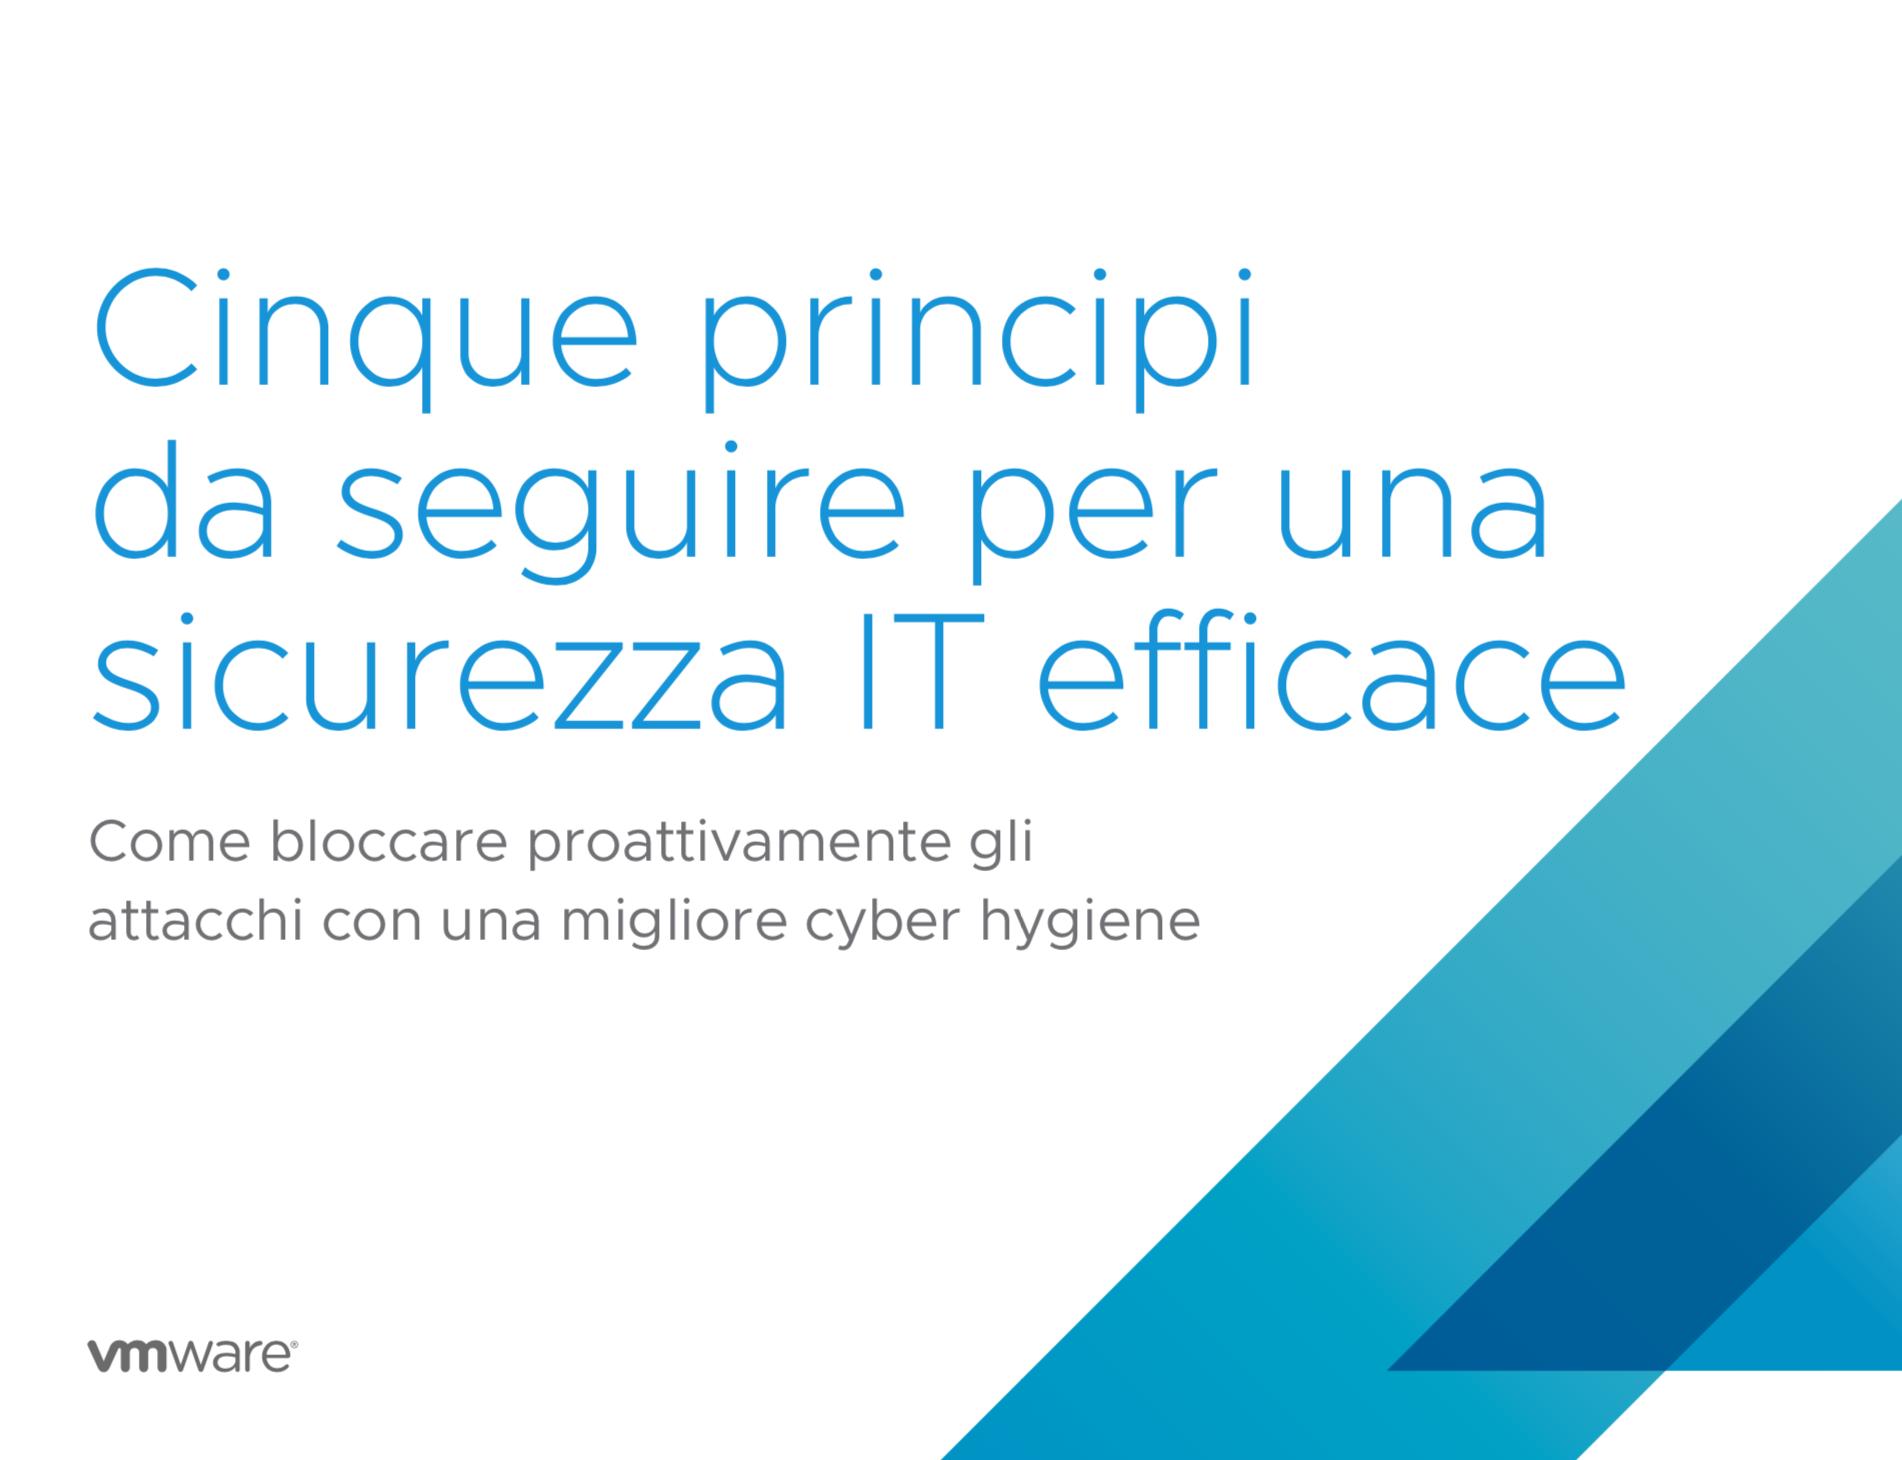 Cinque principi da seguire per una sicurezza IT efficace